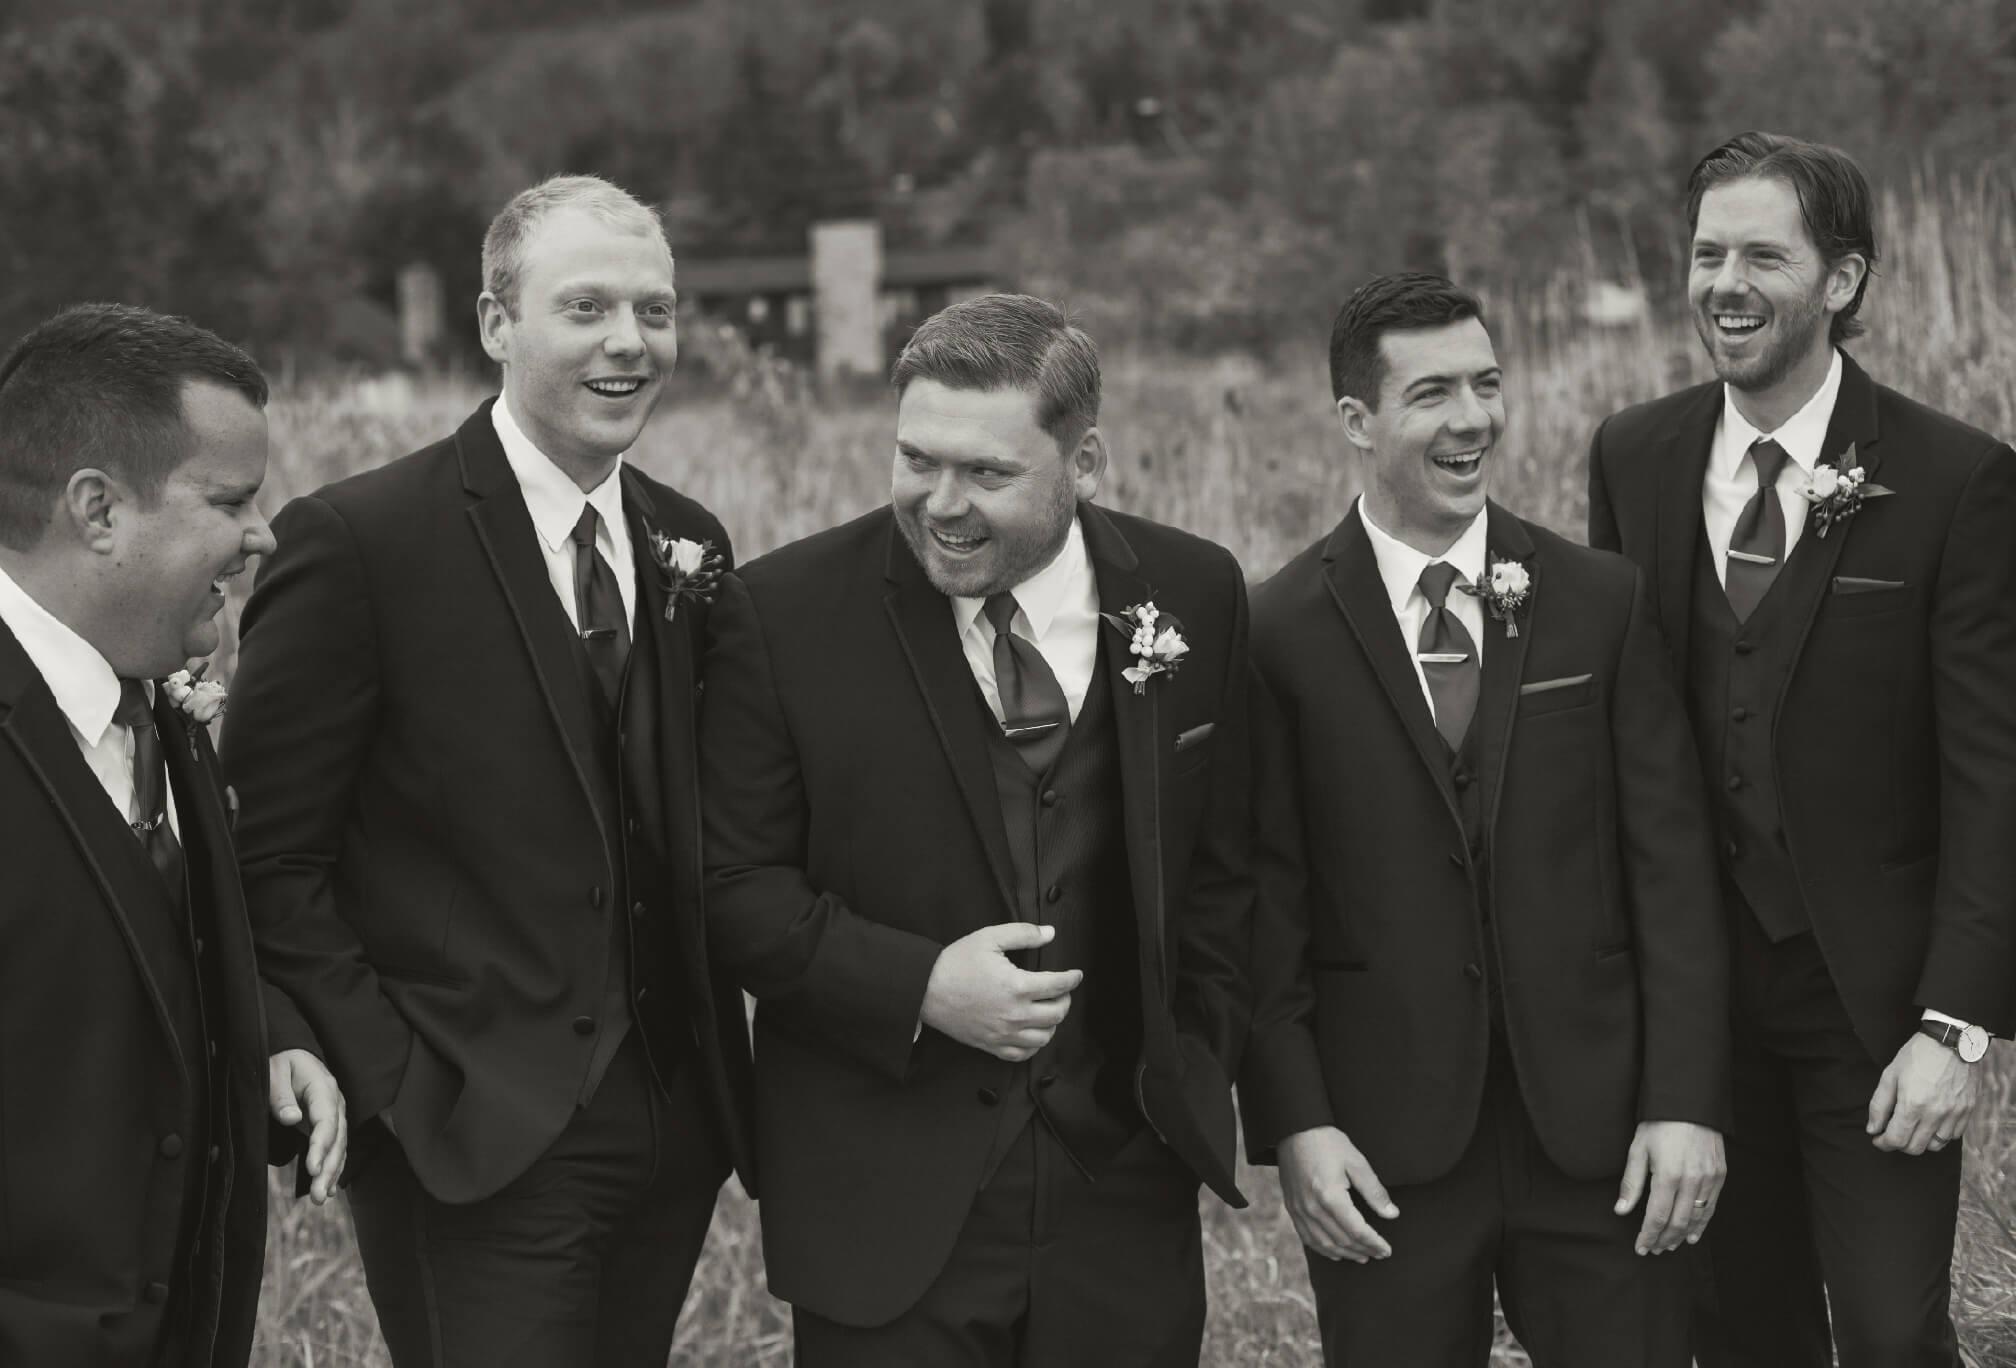 groom laughing with groomsmen